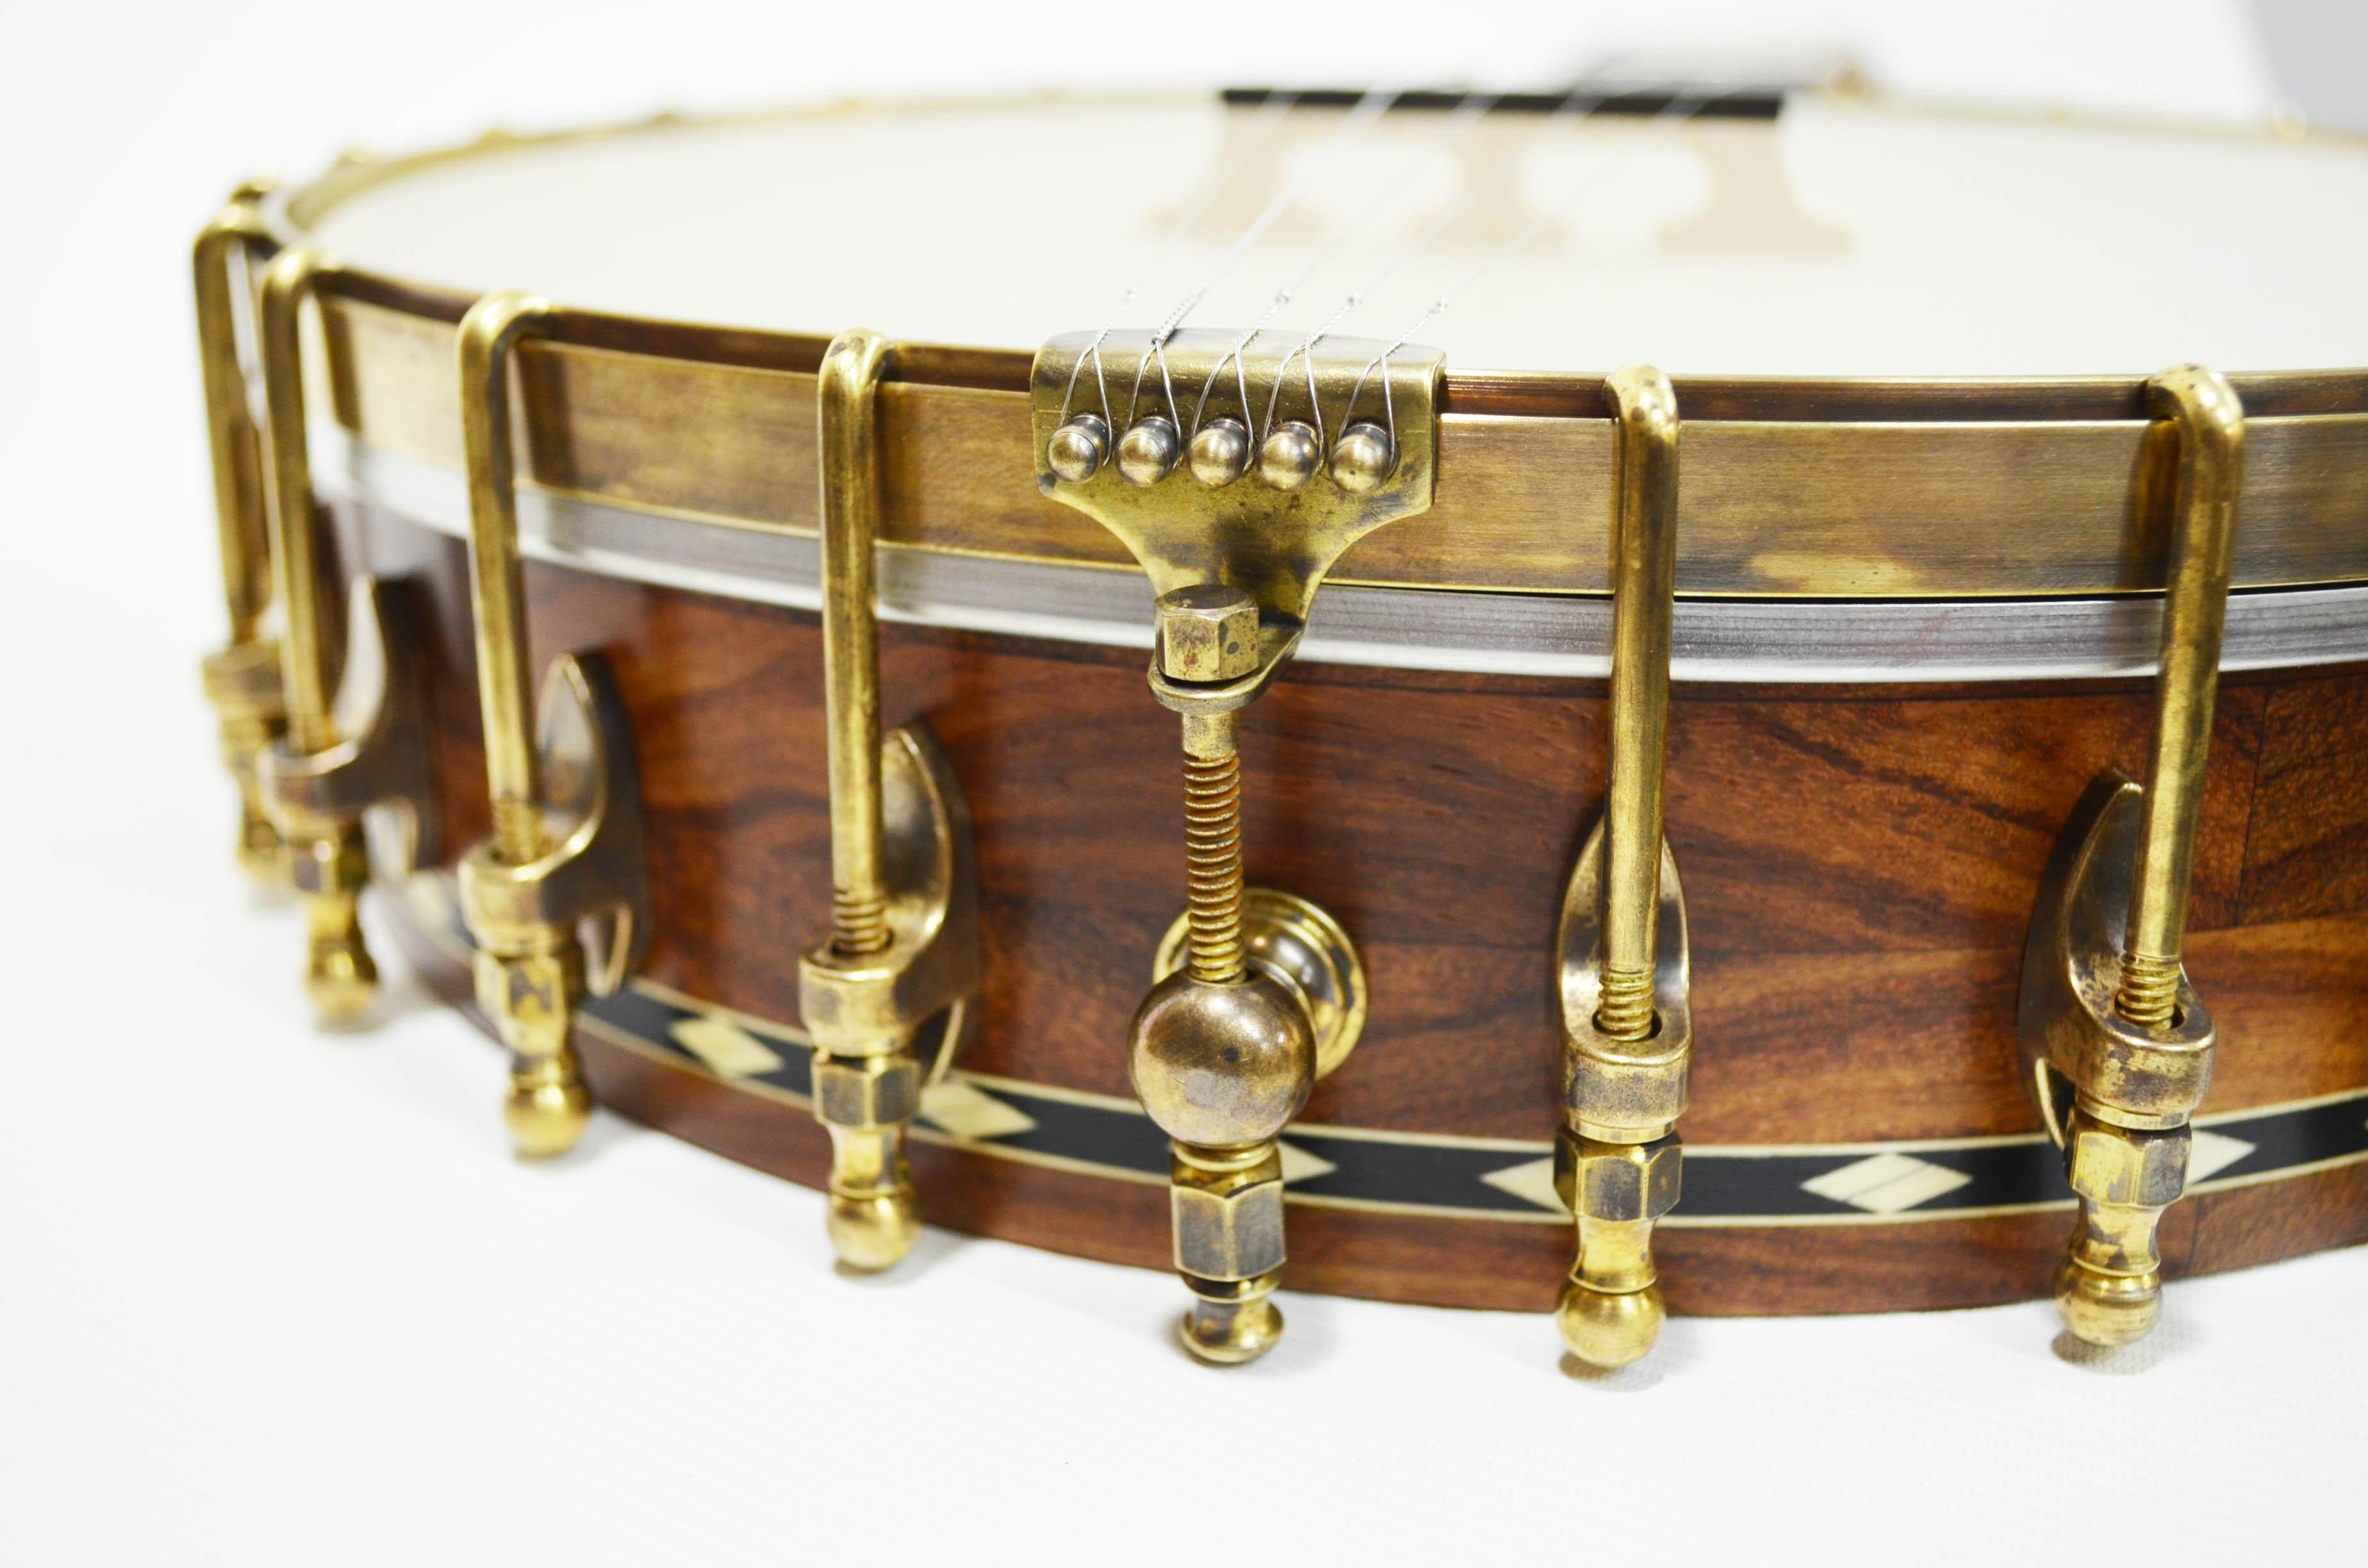 Aged brass hardware